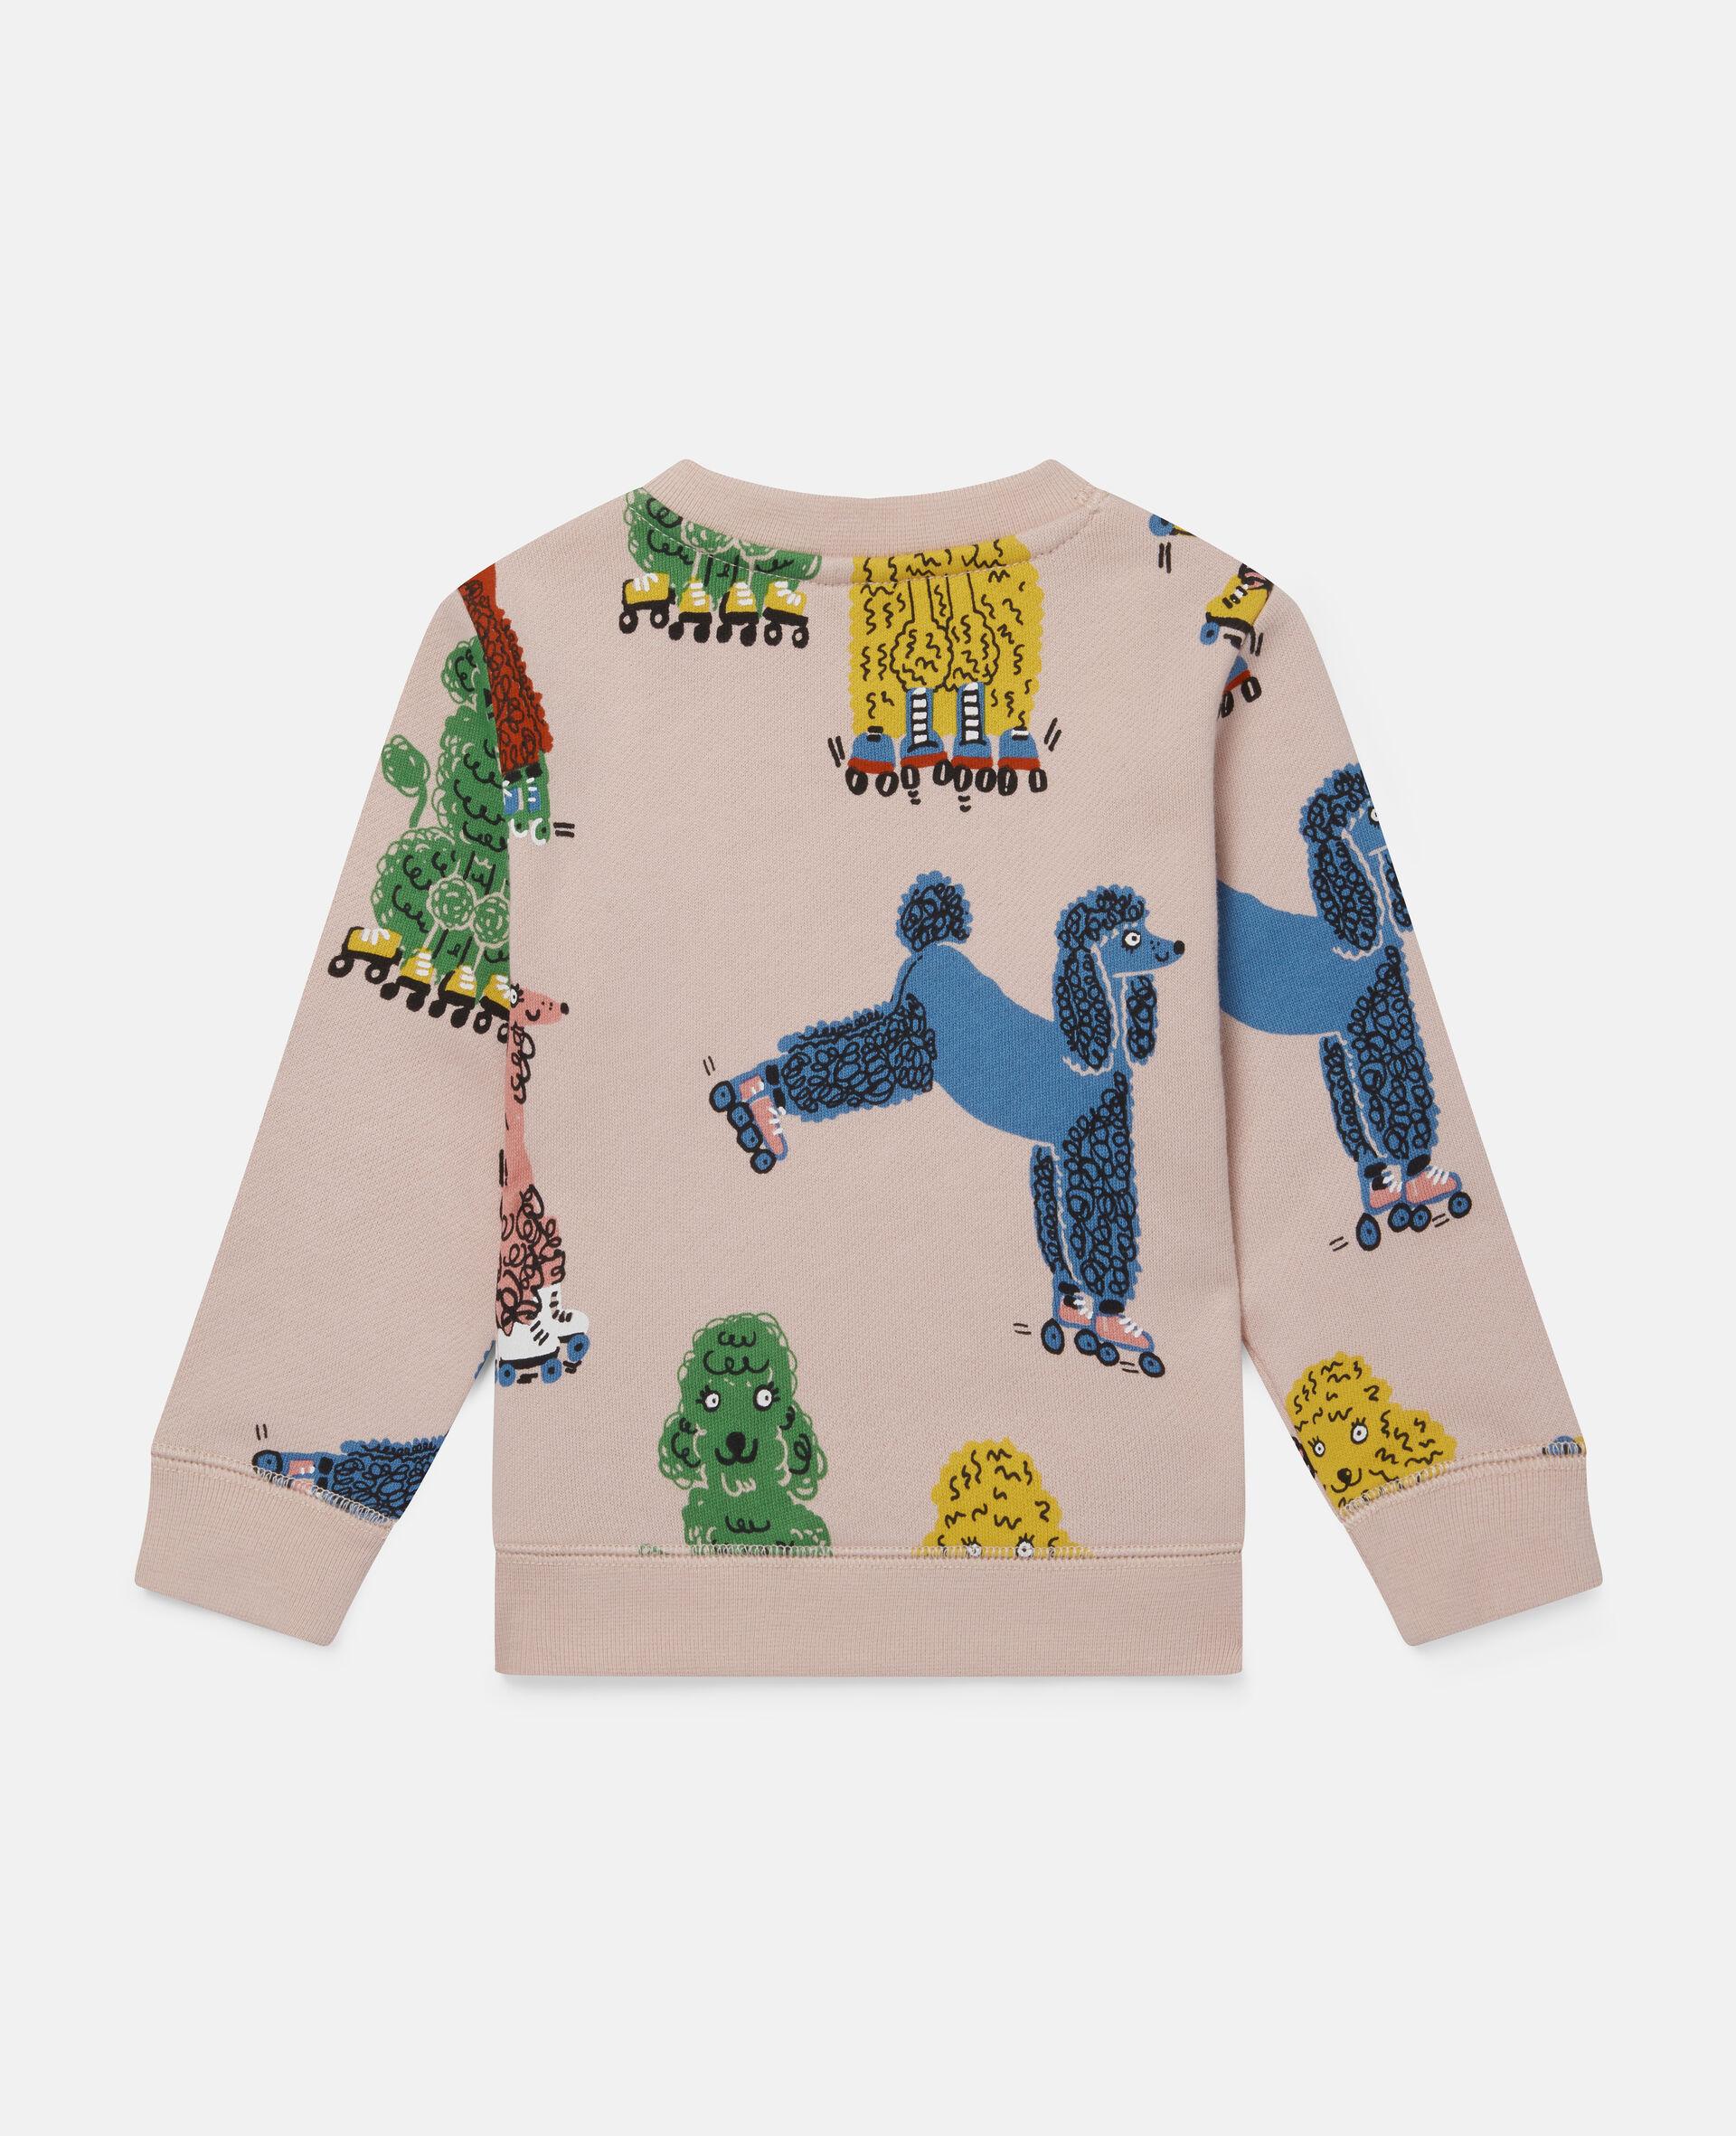 Doodle Poodles Fleece Sweatshirt-Pink-large image number 3